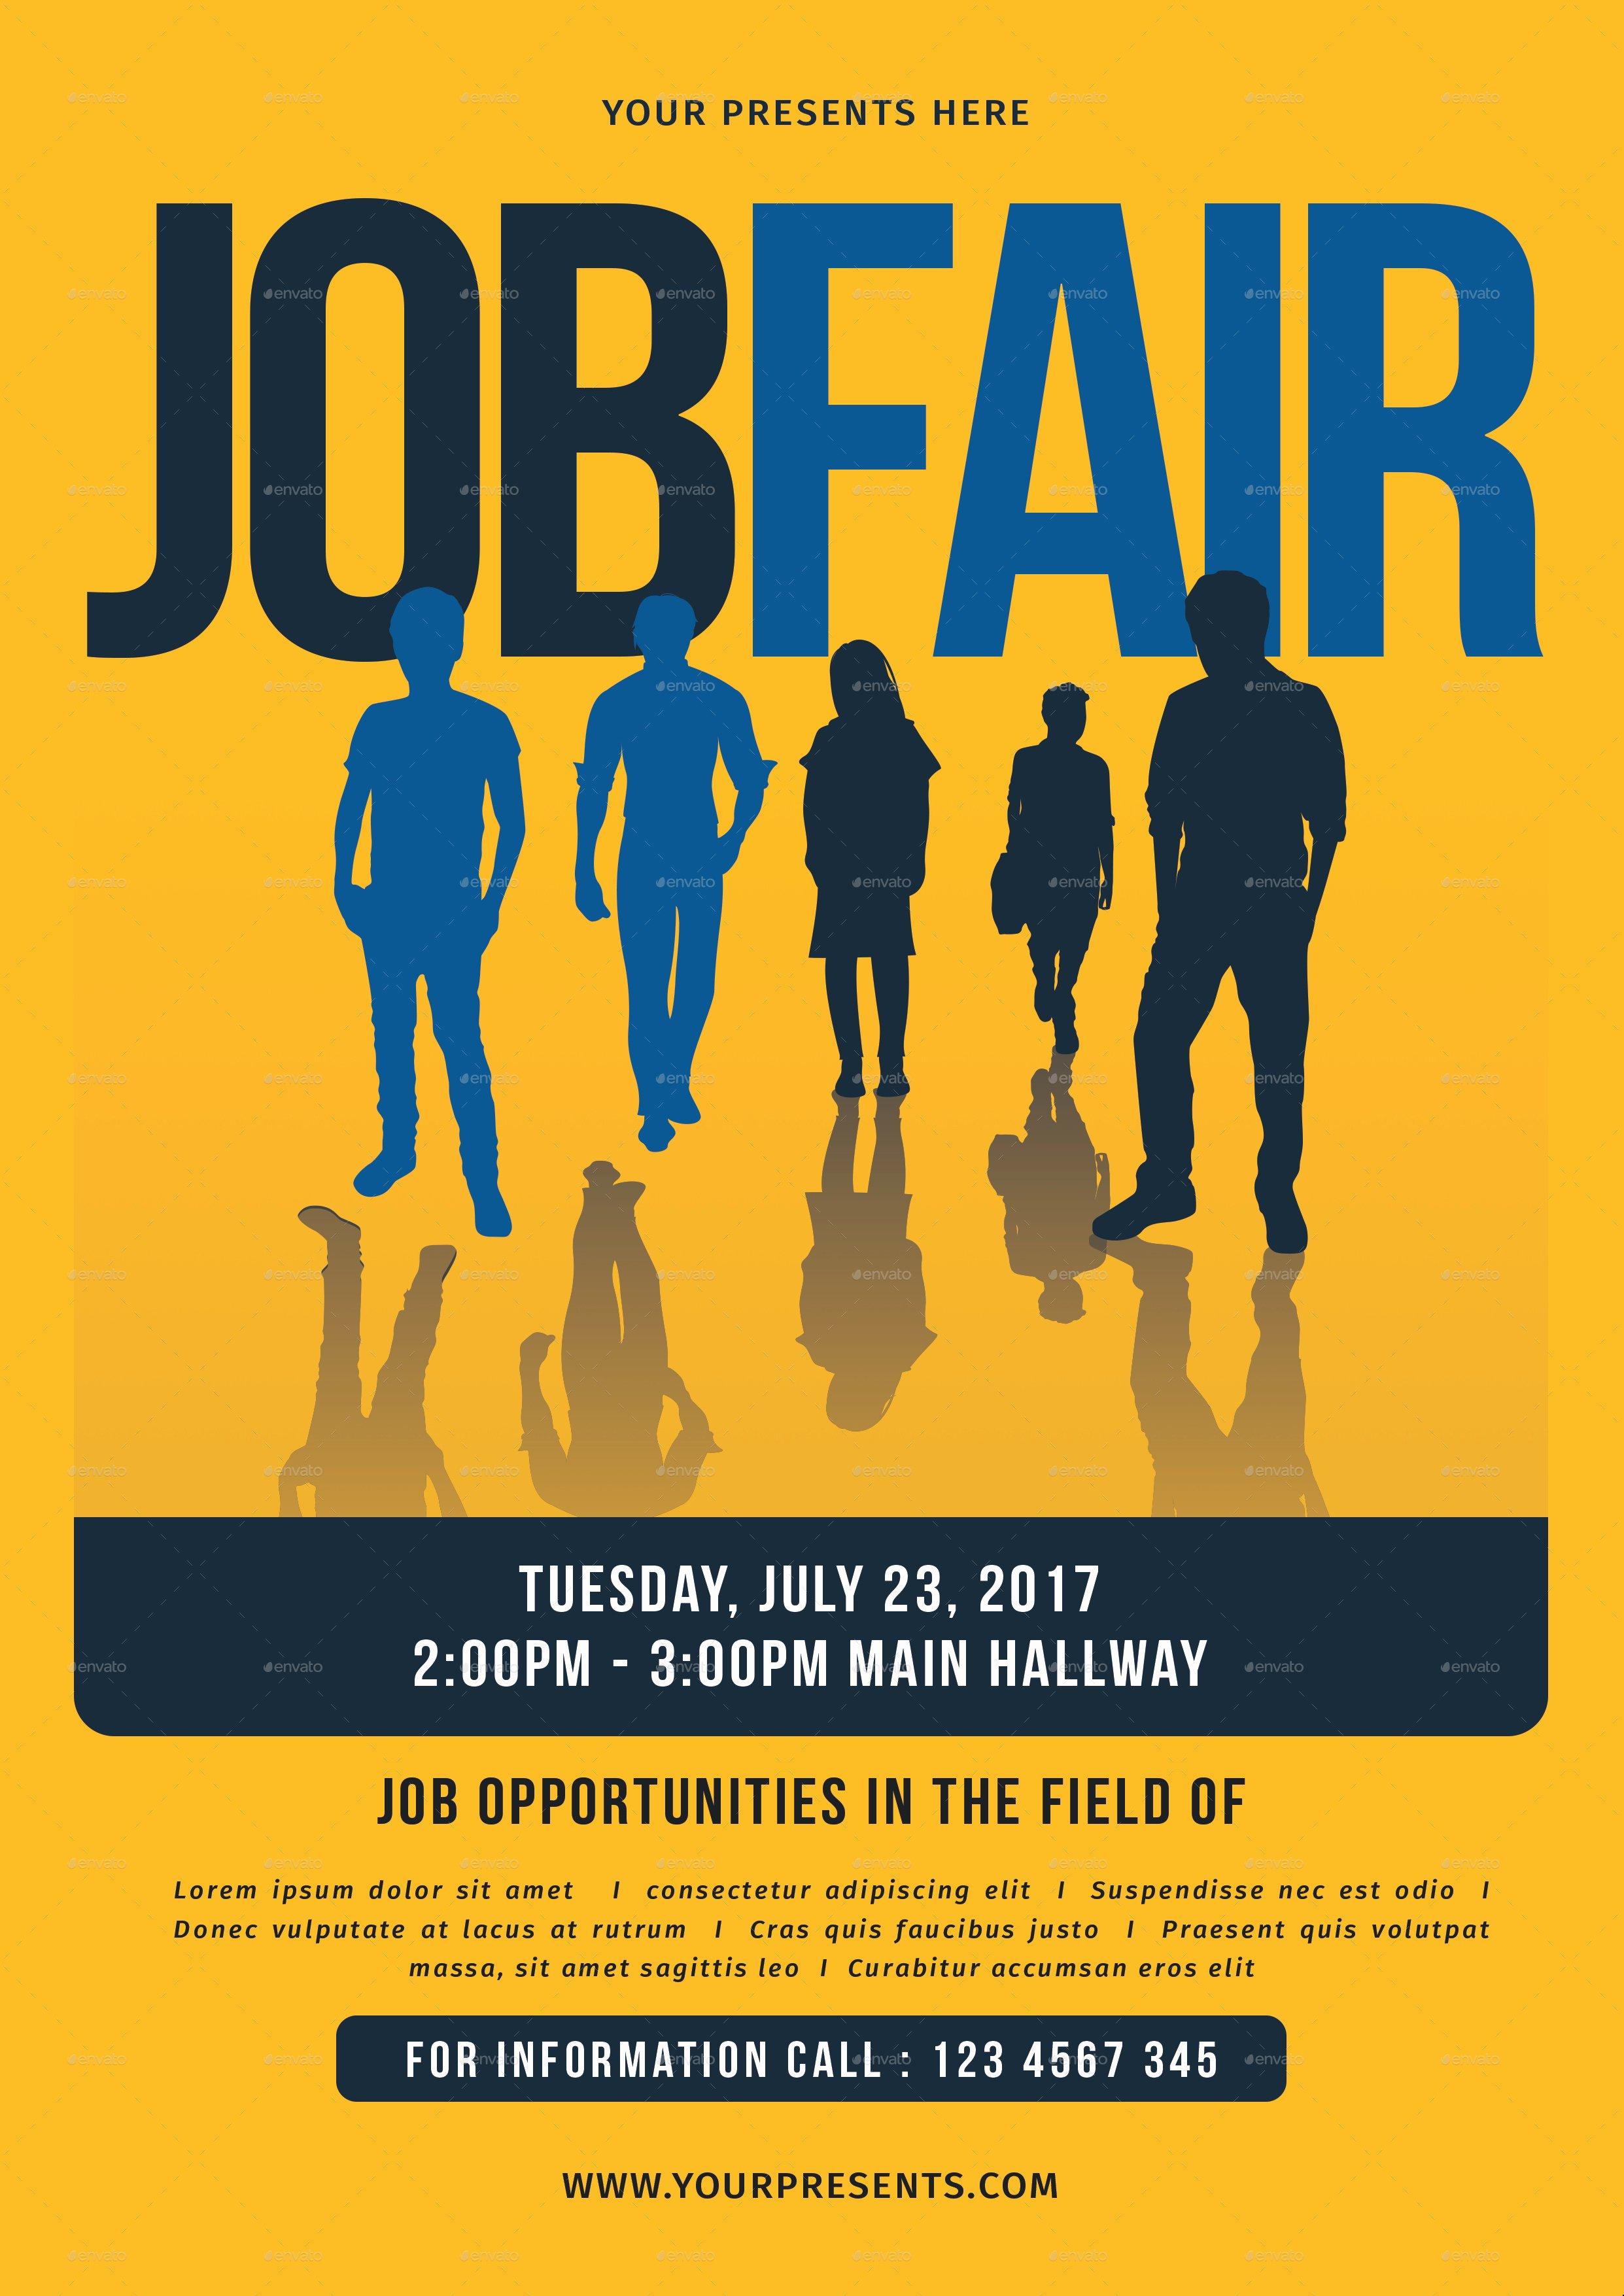 Job Fair Flyer Template Elegant Job Fair Flyer by Lilynthesweetpea